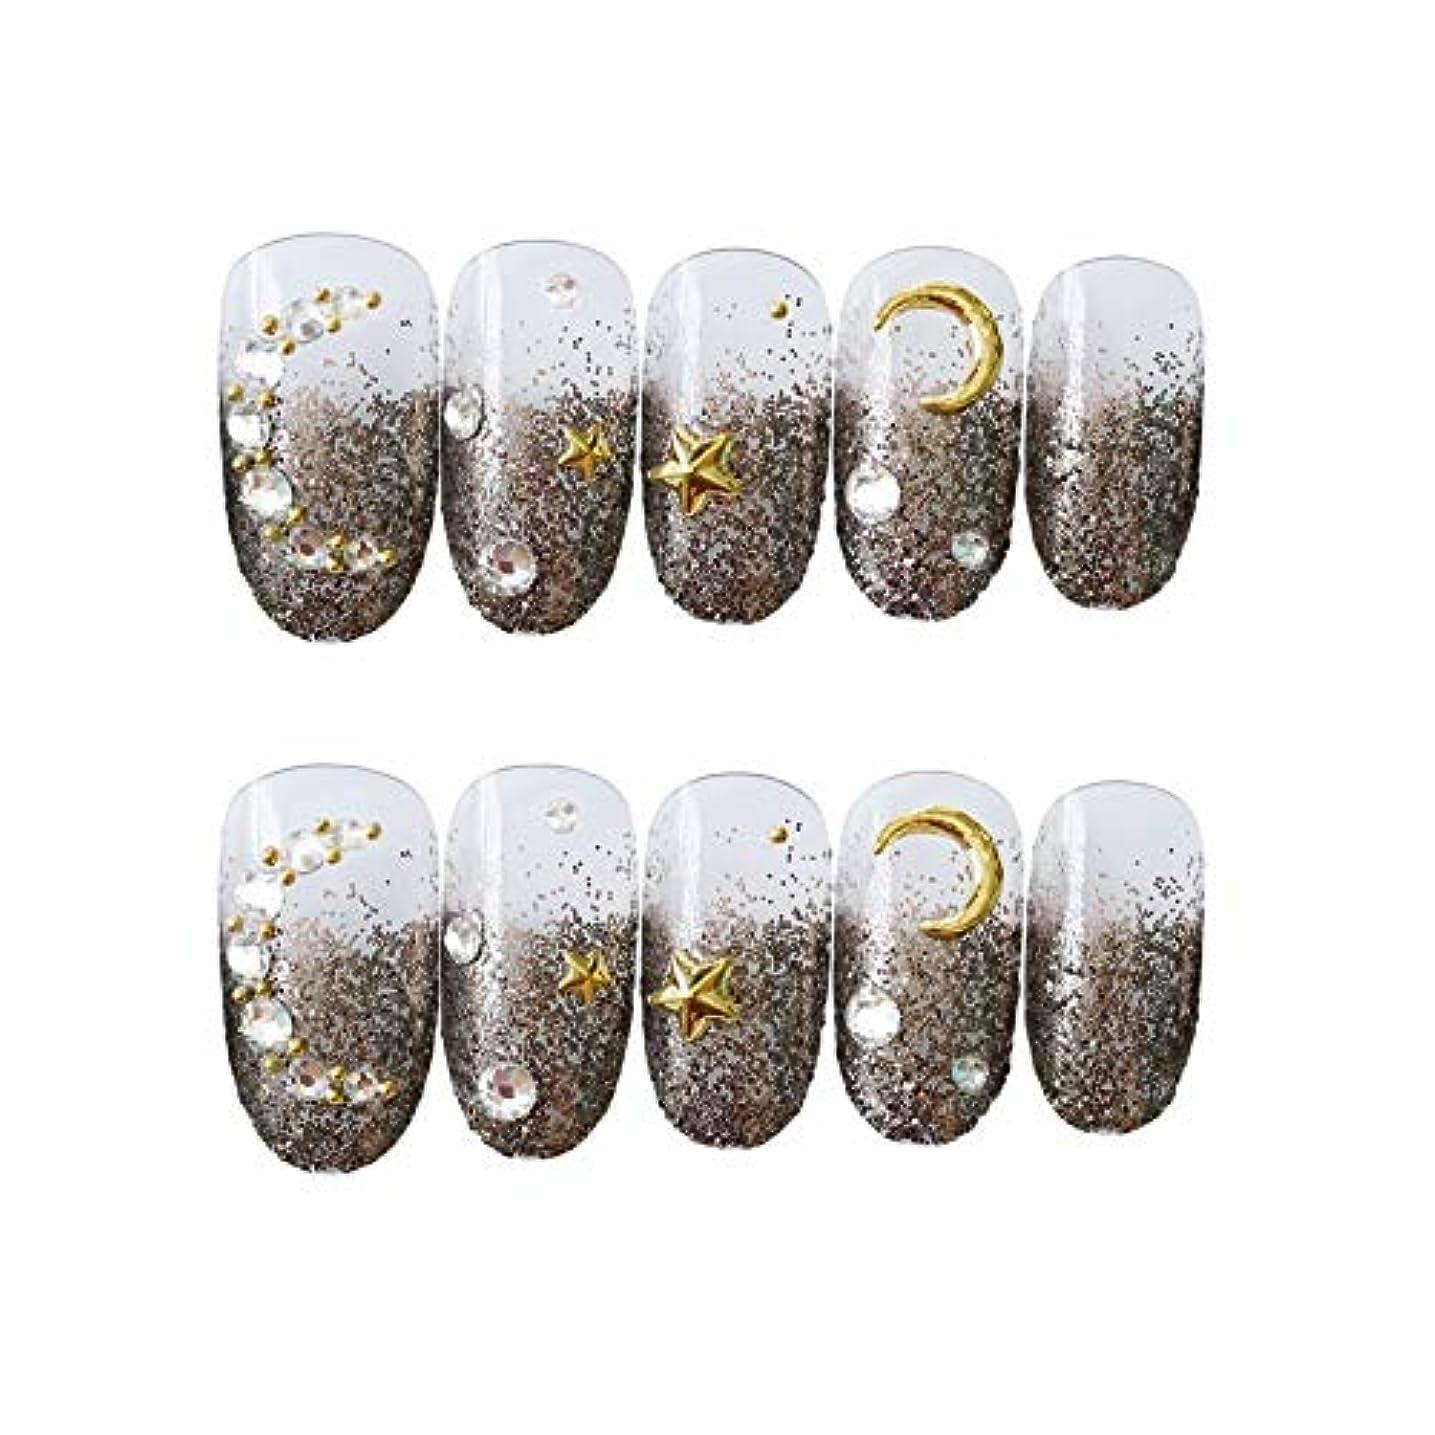 のみ仕立て屋推測するNANNAN ネイルチップ 3D ネイルチップ 綺麗な飾り付け 24枚入 原宿 和風 夢幻 和装 手作りネイルチップ 結婚式ネイルチップ